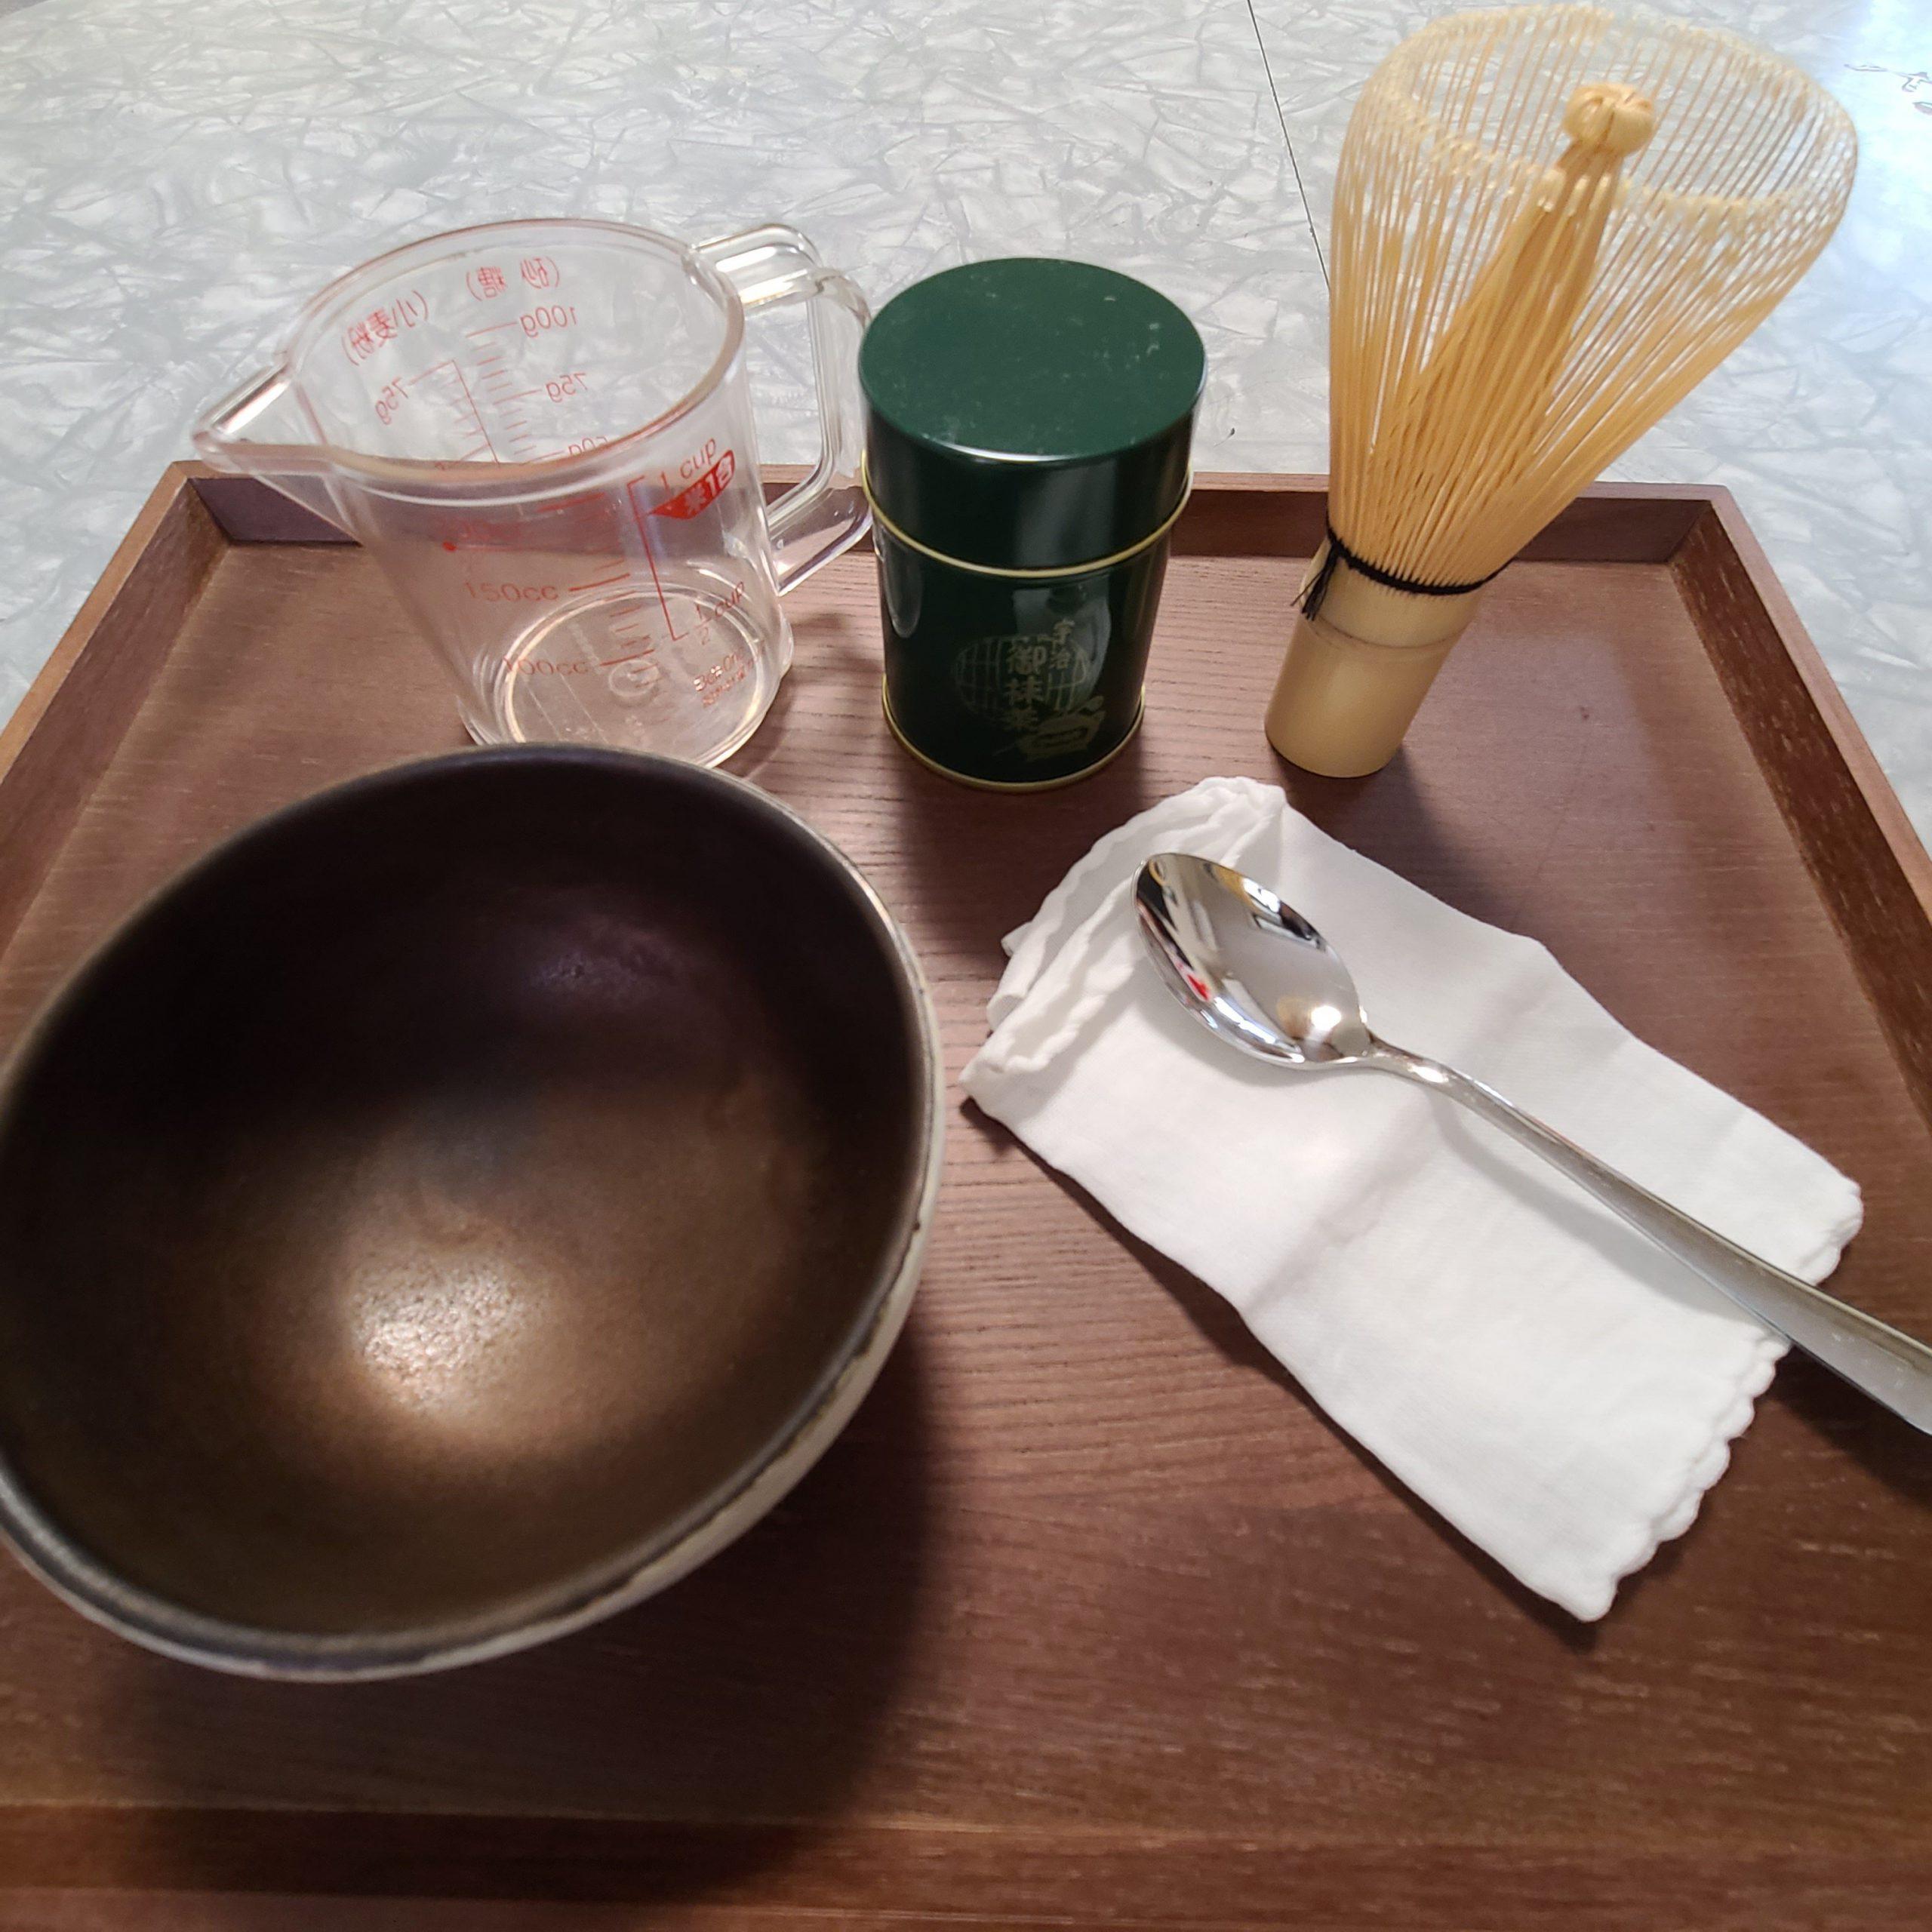 自宅で美味しい抹茶を点てる!家にあるもので抹茶を点てる方法